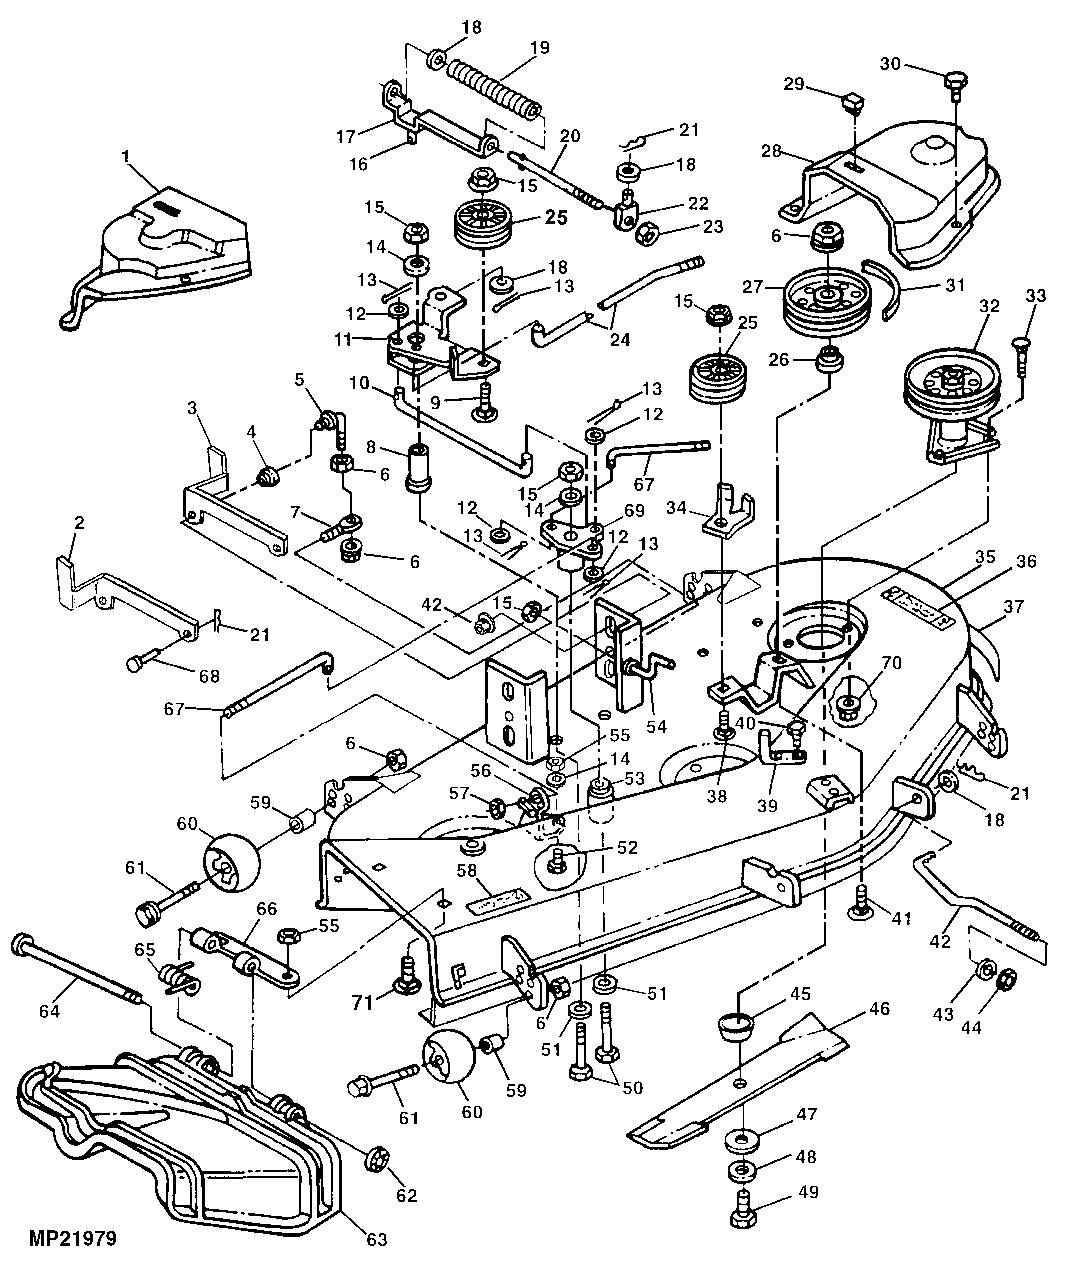 john deere d130 wiring diagram nema l14 30 plug imageresizertool com